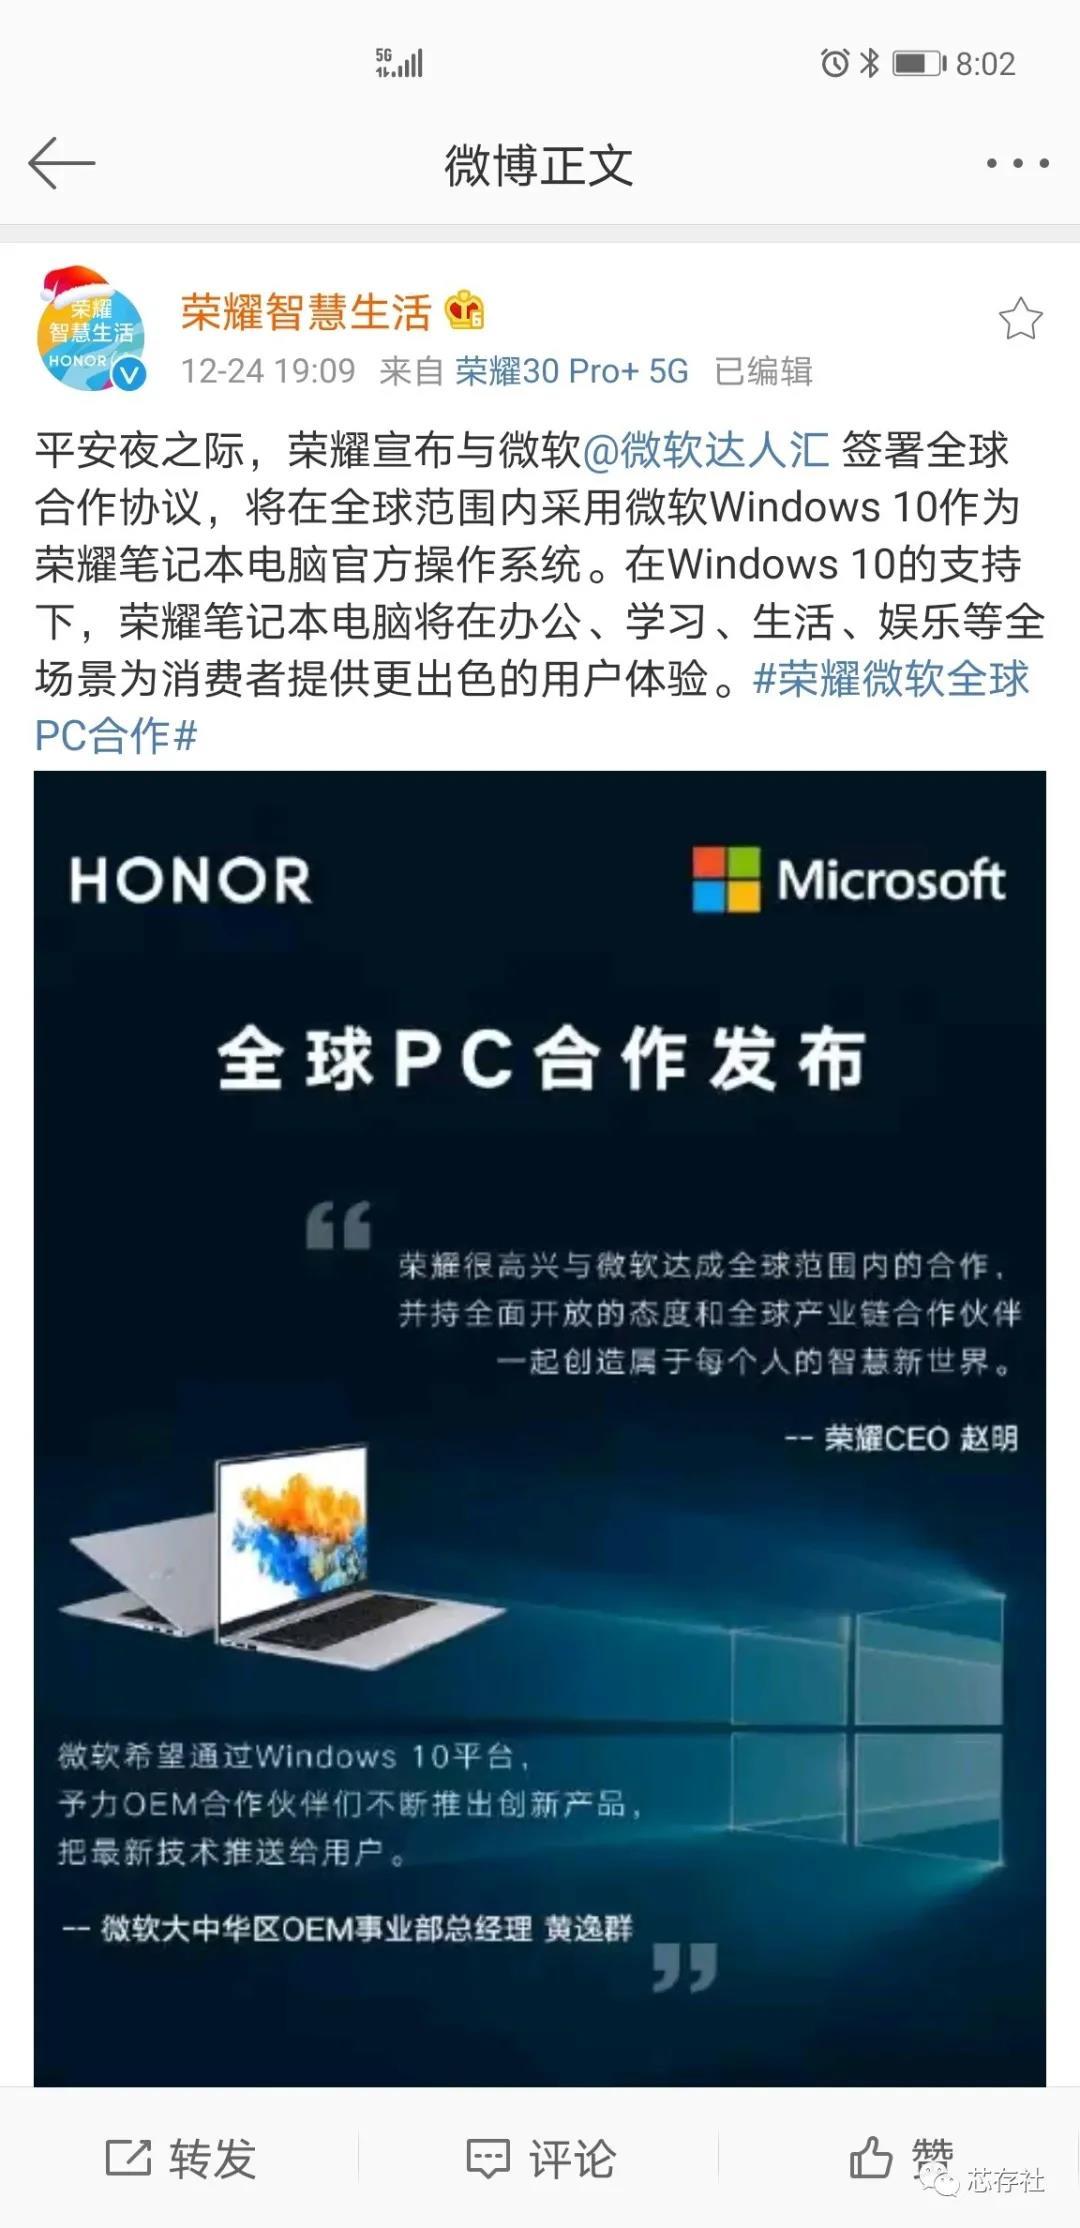 荣耀与微软签署全球PC合作协议,Windows 10成为荣耀笔记本电脑官方操作系统